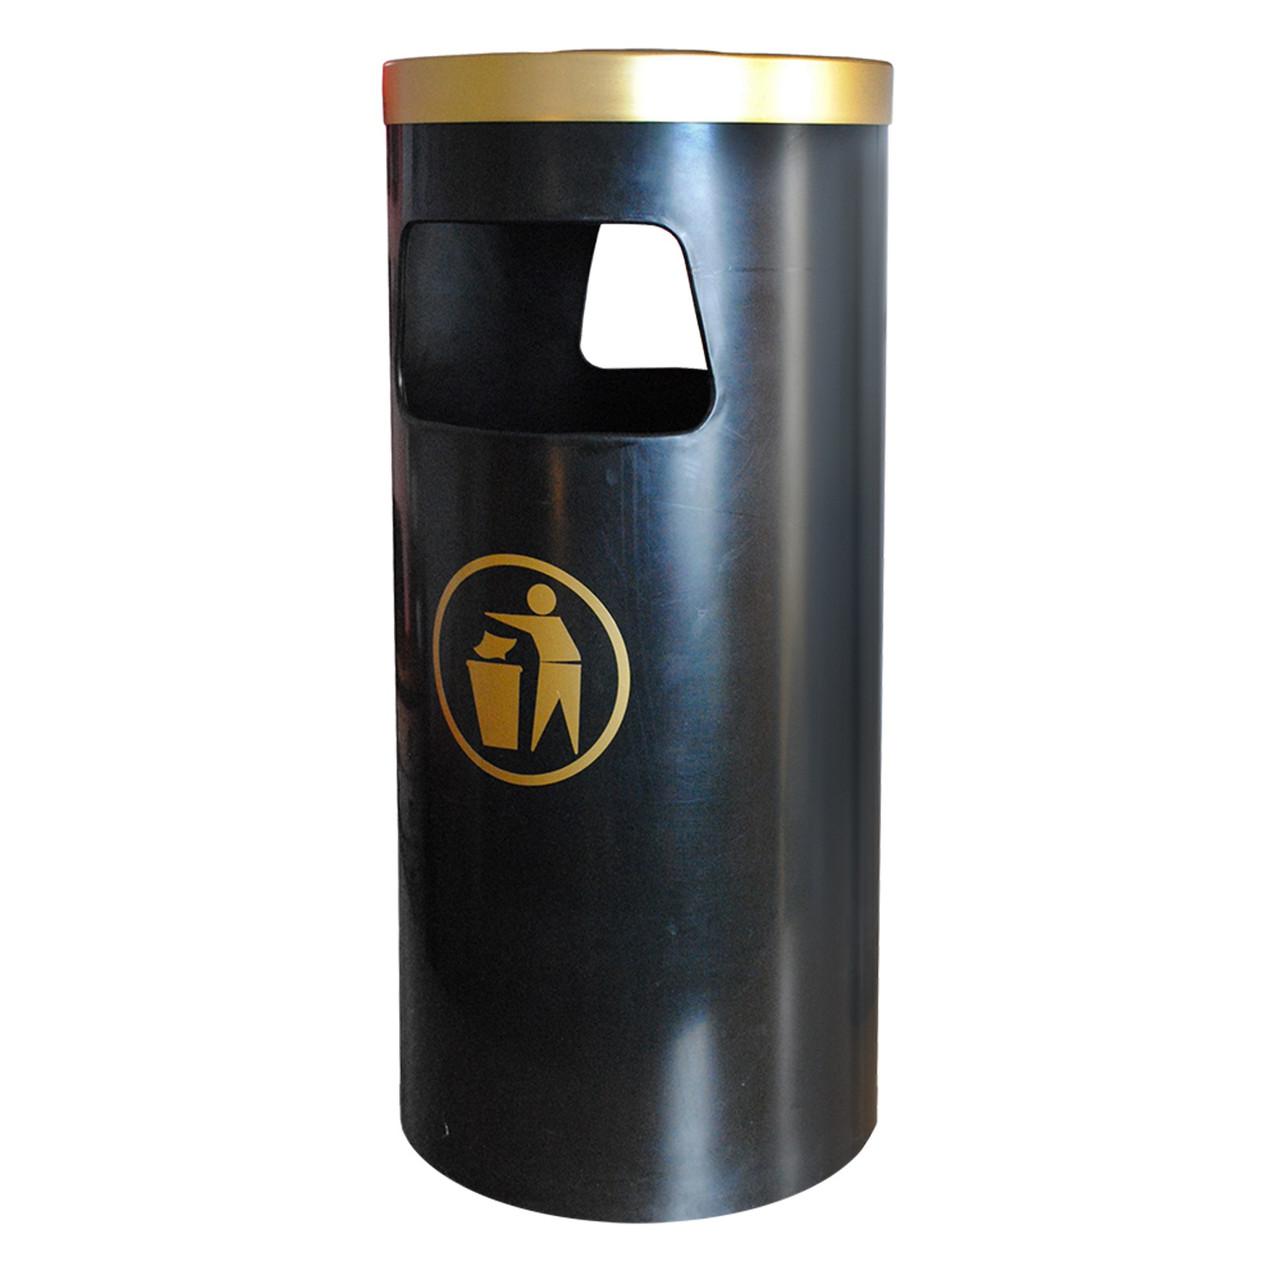 Byron 40 litre floor mounted litter bin